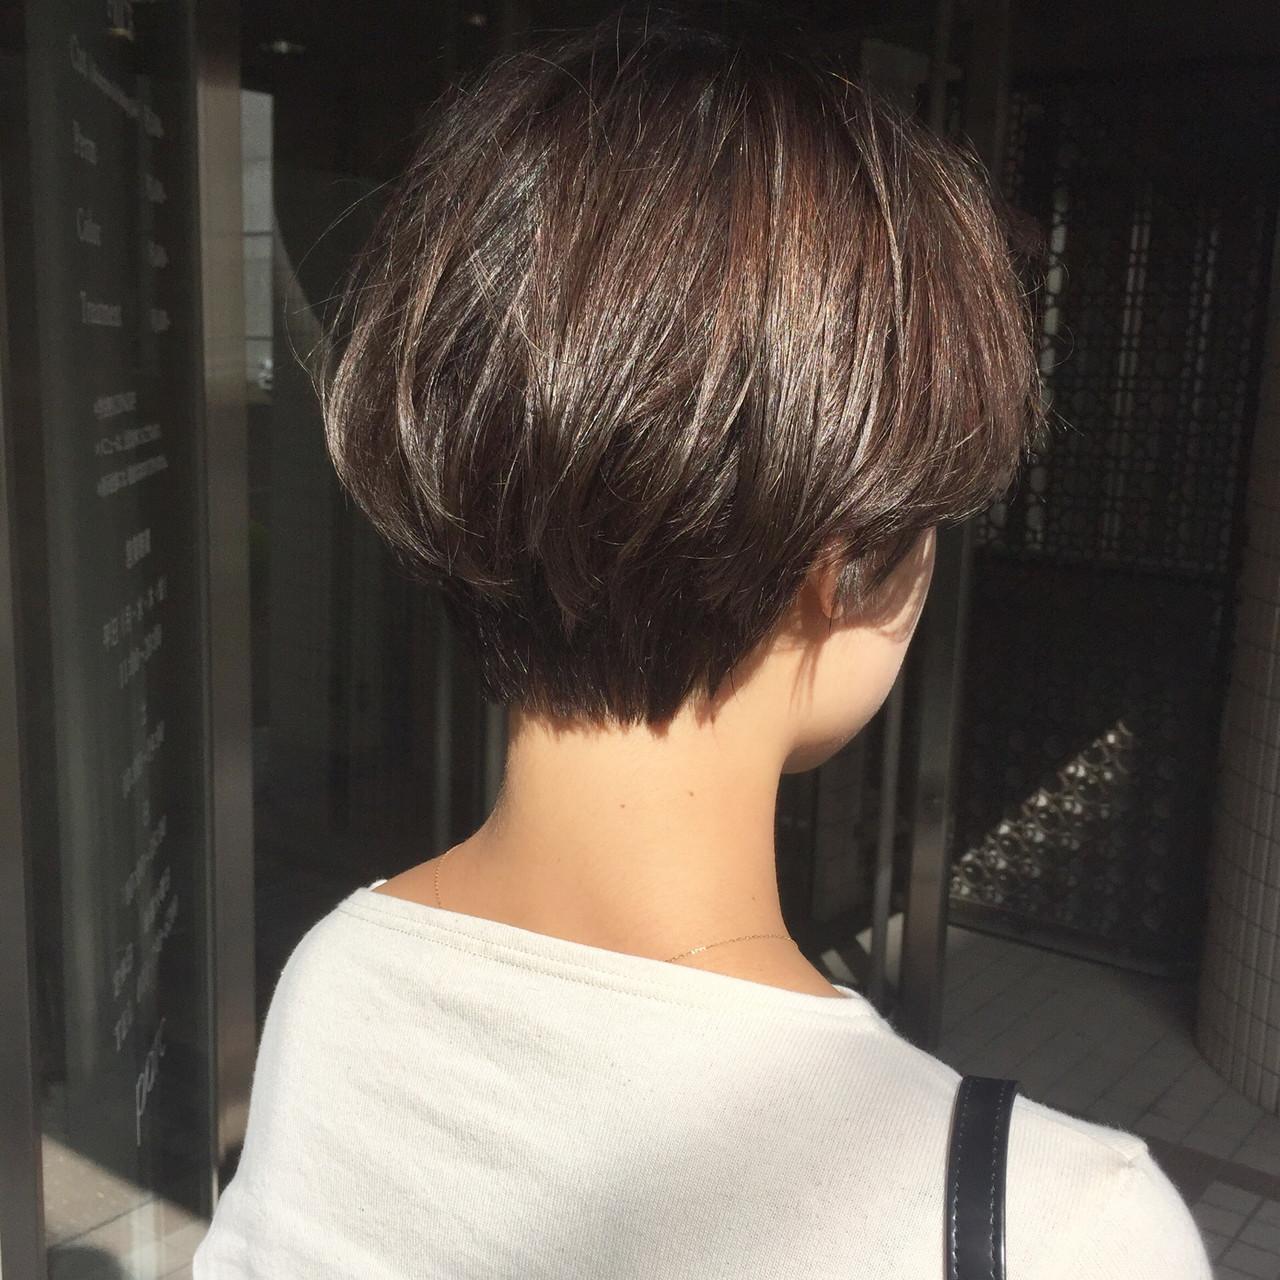 ナチュラル ショートボブ 大人ショート ショートヘア ヘアスタイルや髪型の写真・画像   【ショート&ショートボブはお任せください】淺川聖 / parc sapporo